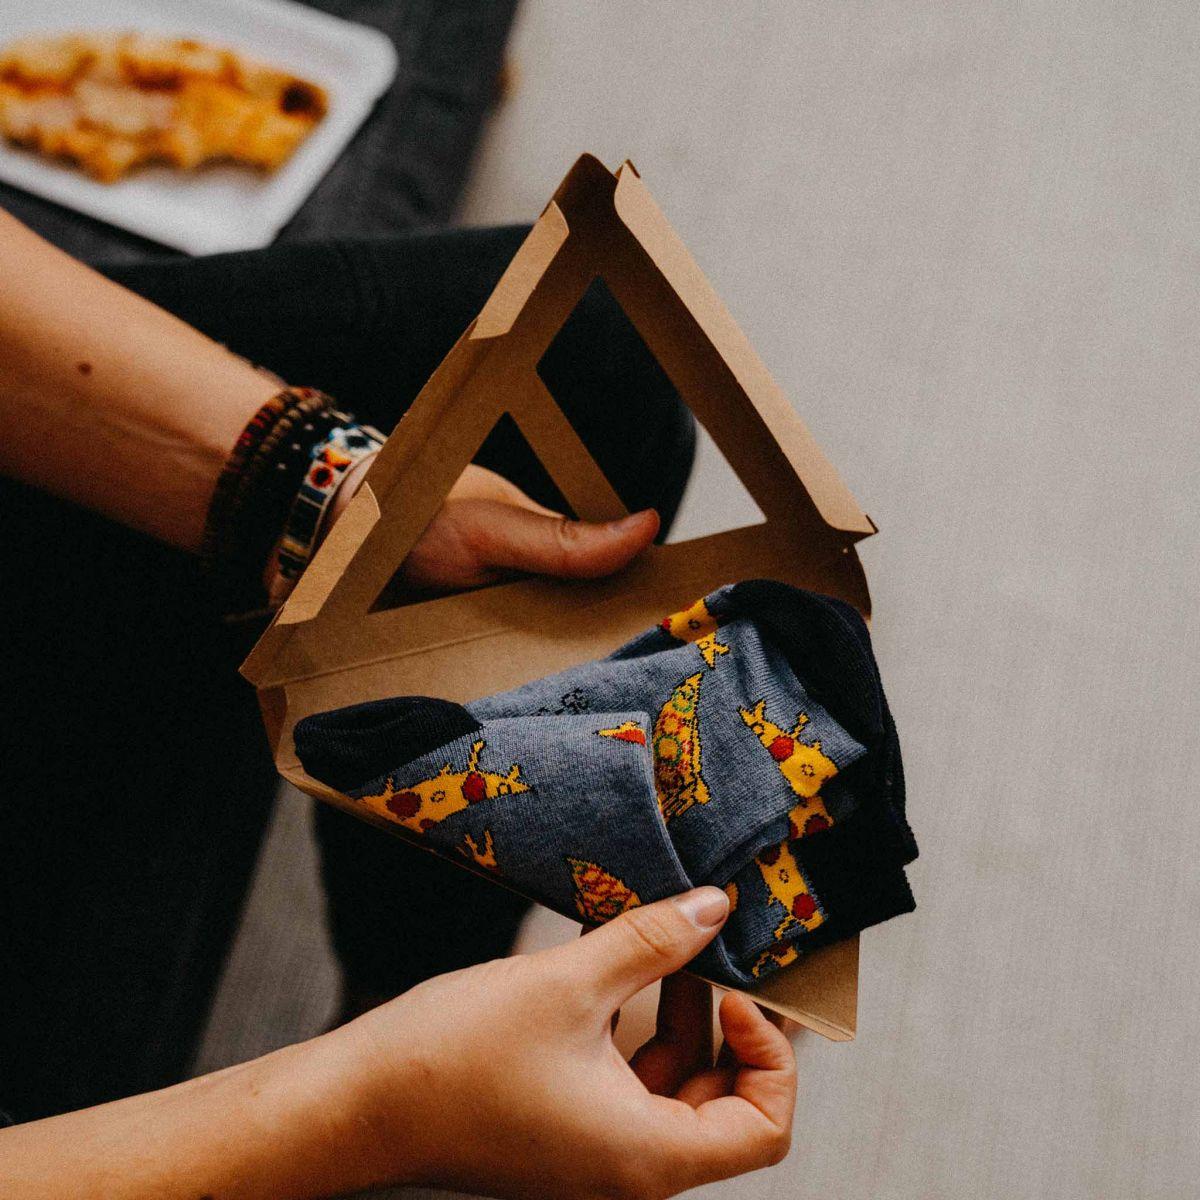 Ponožky - Pizza v dárkové krabičce p5